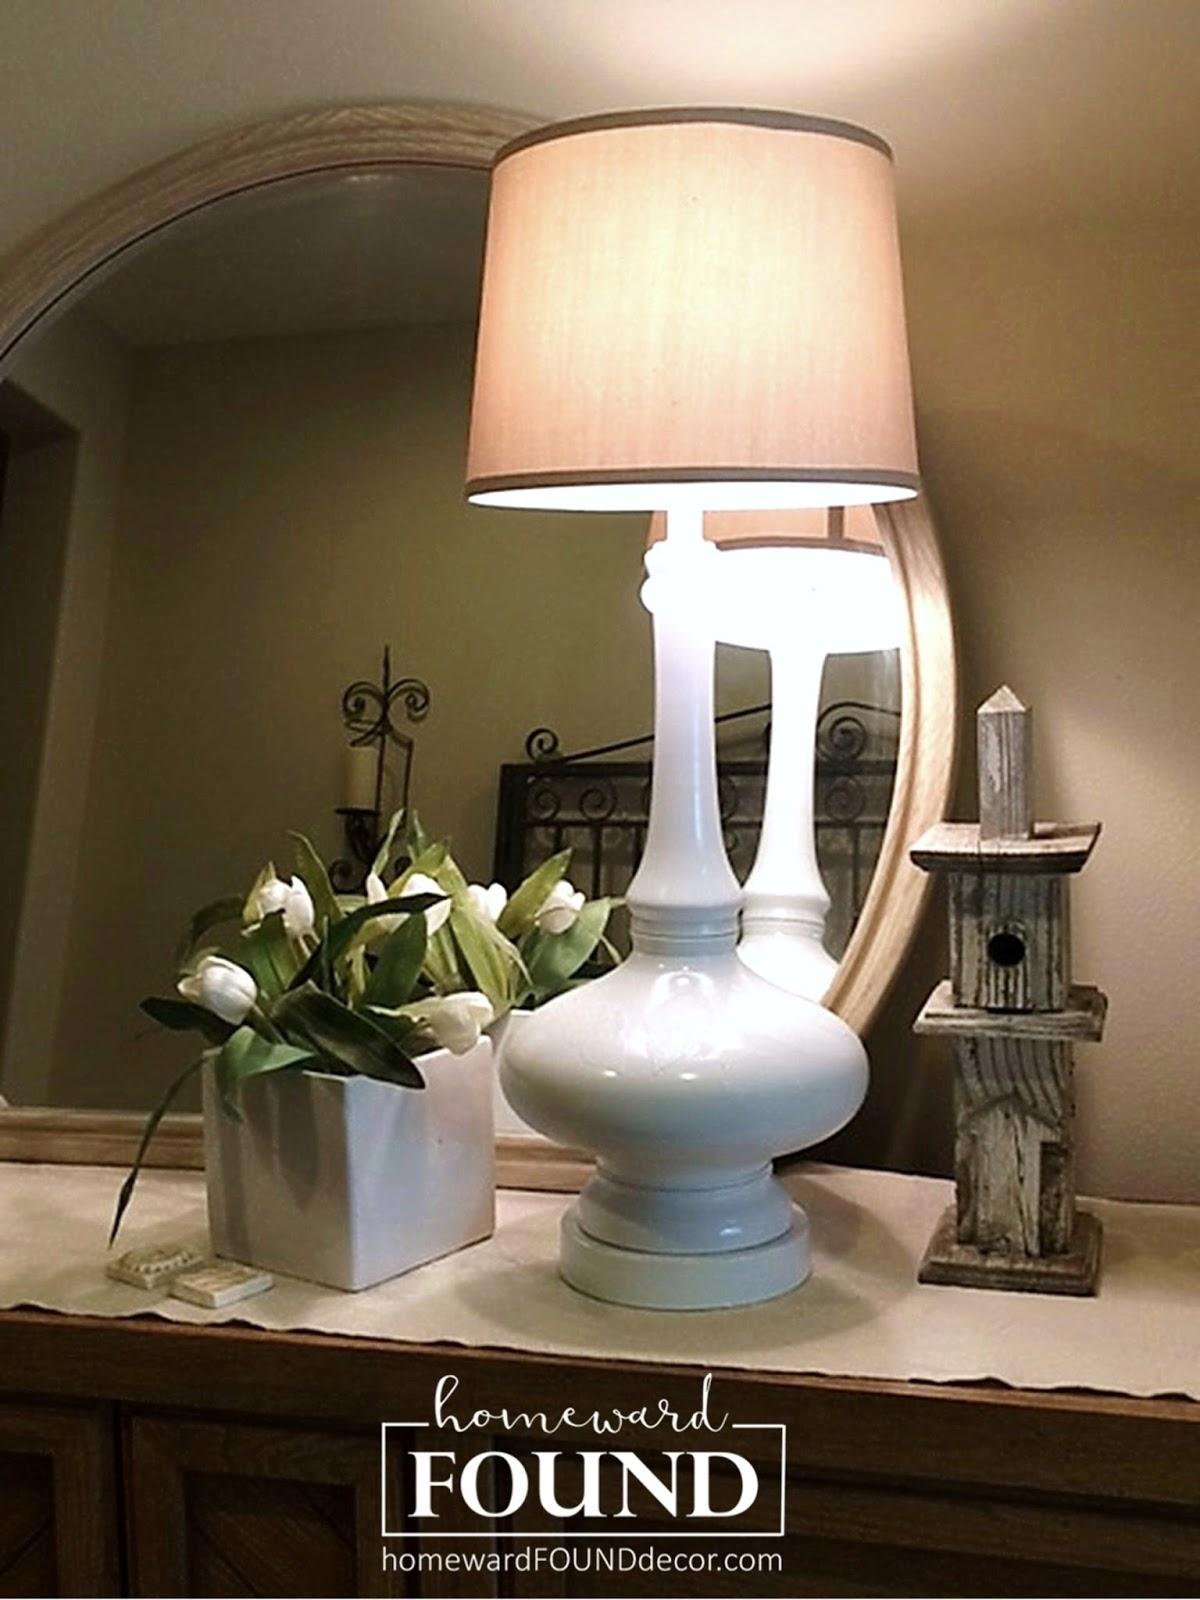 thrifty weekend makeover part i homewardfound decor.htm diy vintage lamp makeover in 1 step  homewardfound decor  diy vintage lamp makeover in 1 step